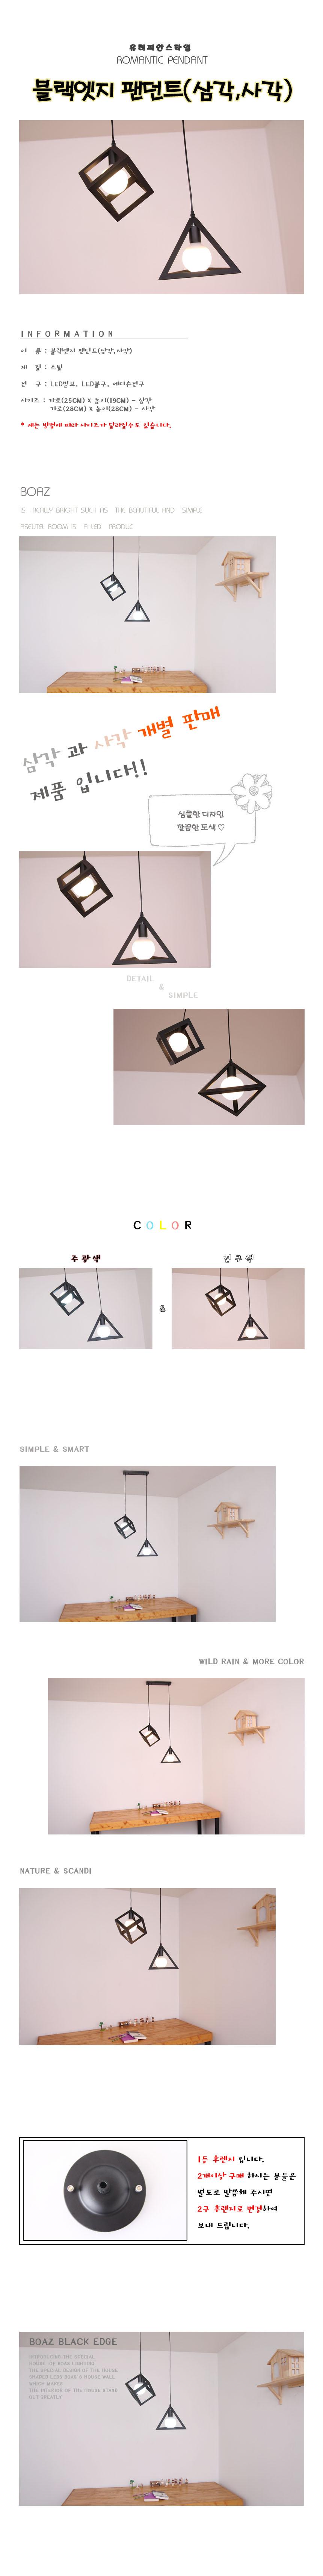 boaz 블랙엣지 식탁등(삼각-사각) - 보아스라이팅, 11,360원, 디자인조명, 팬던트조명